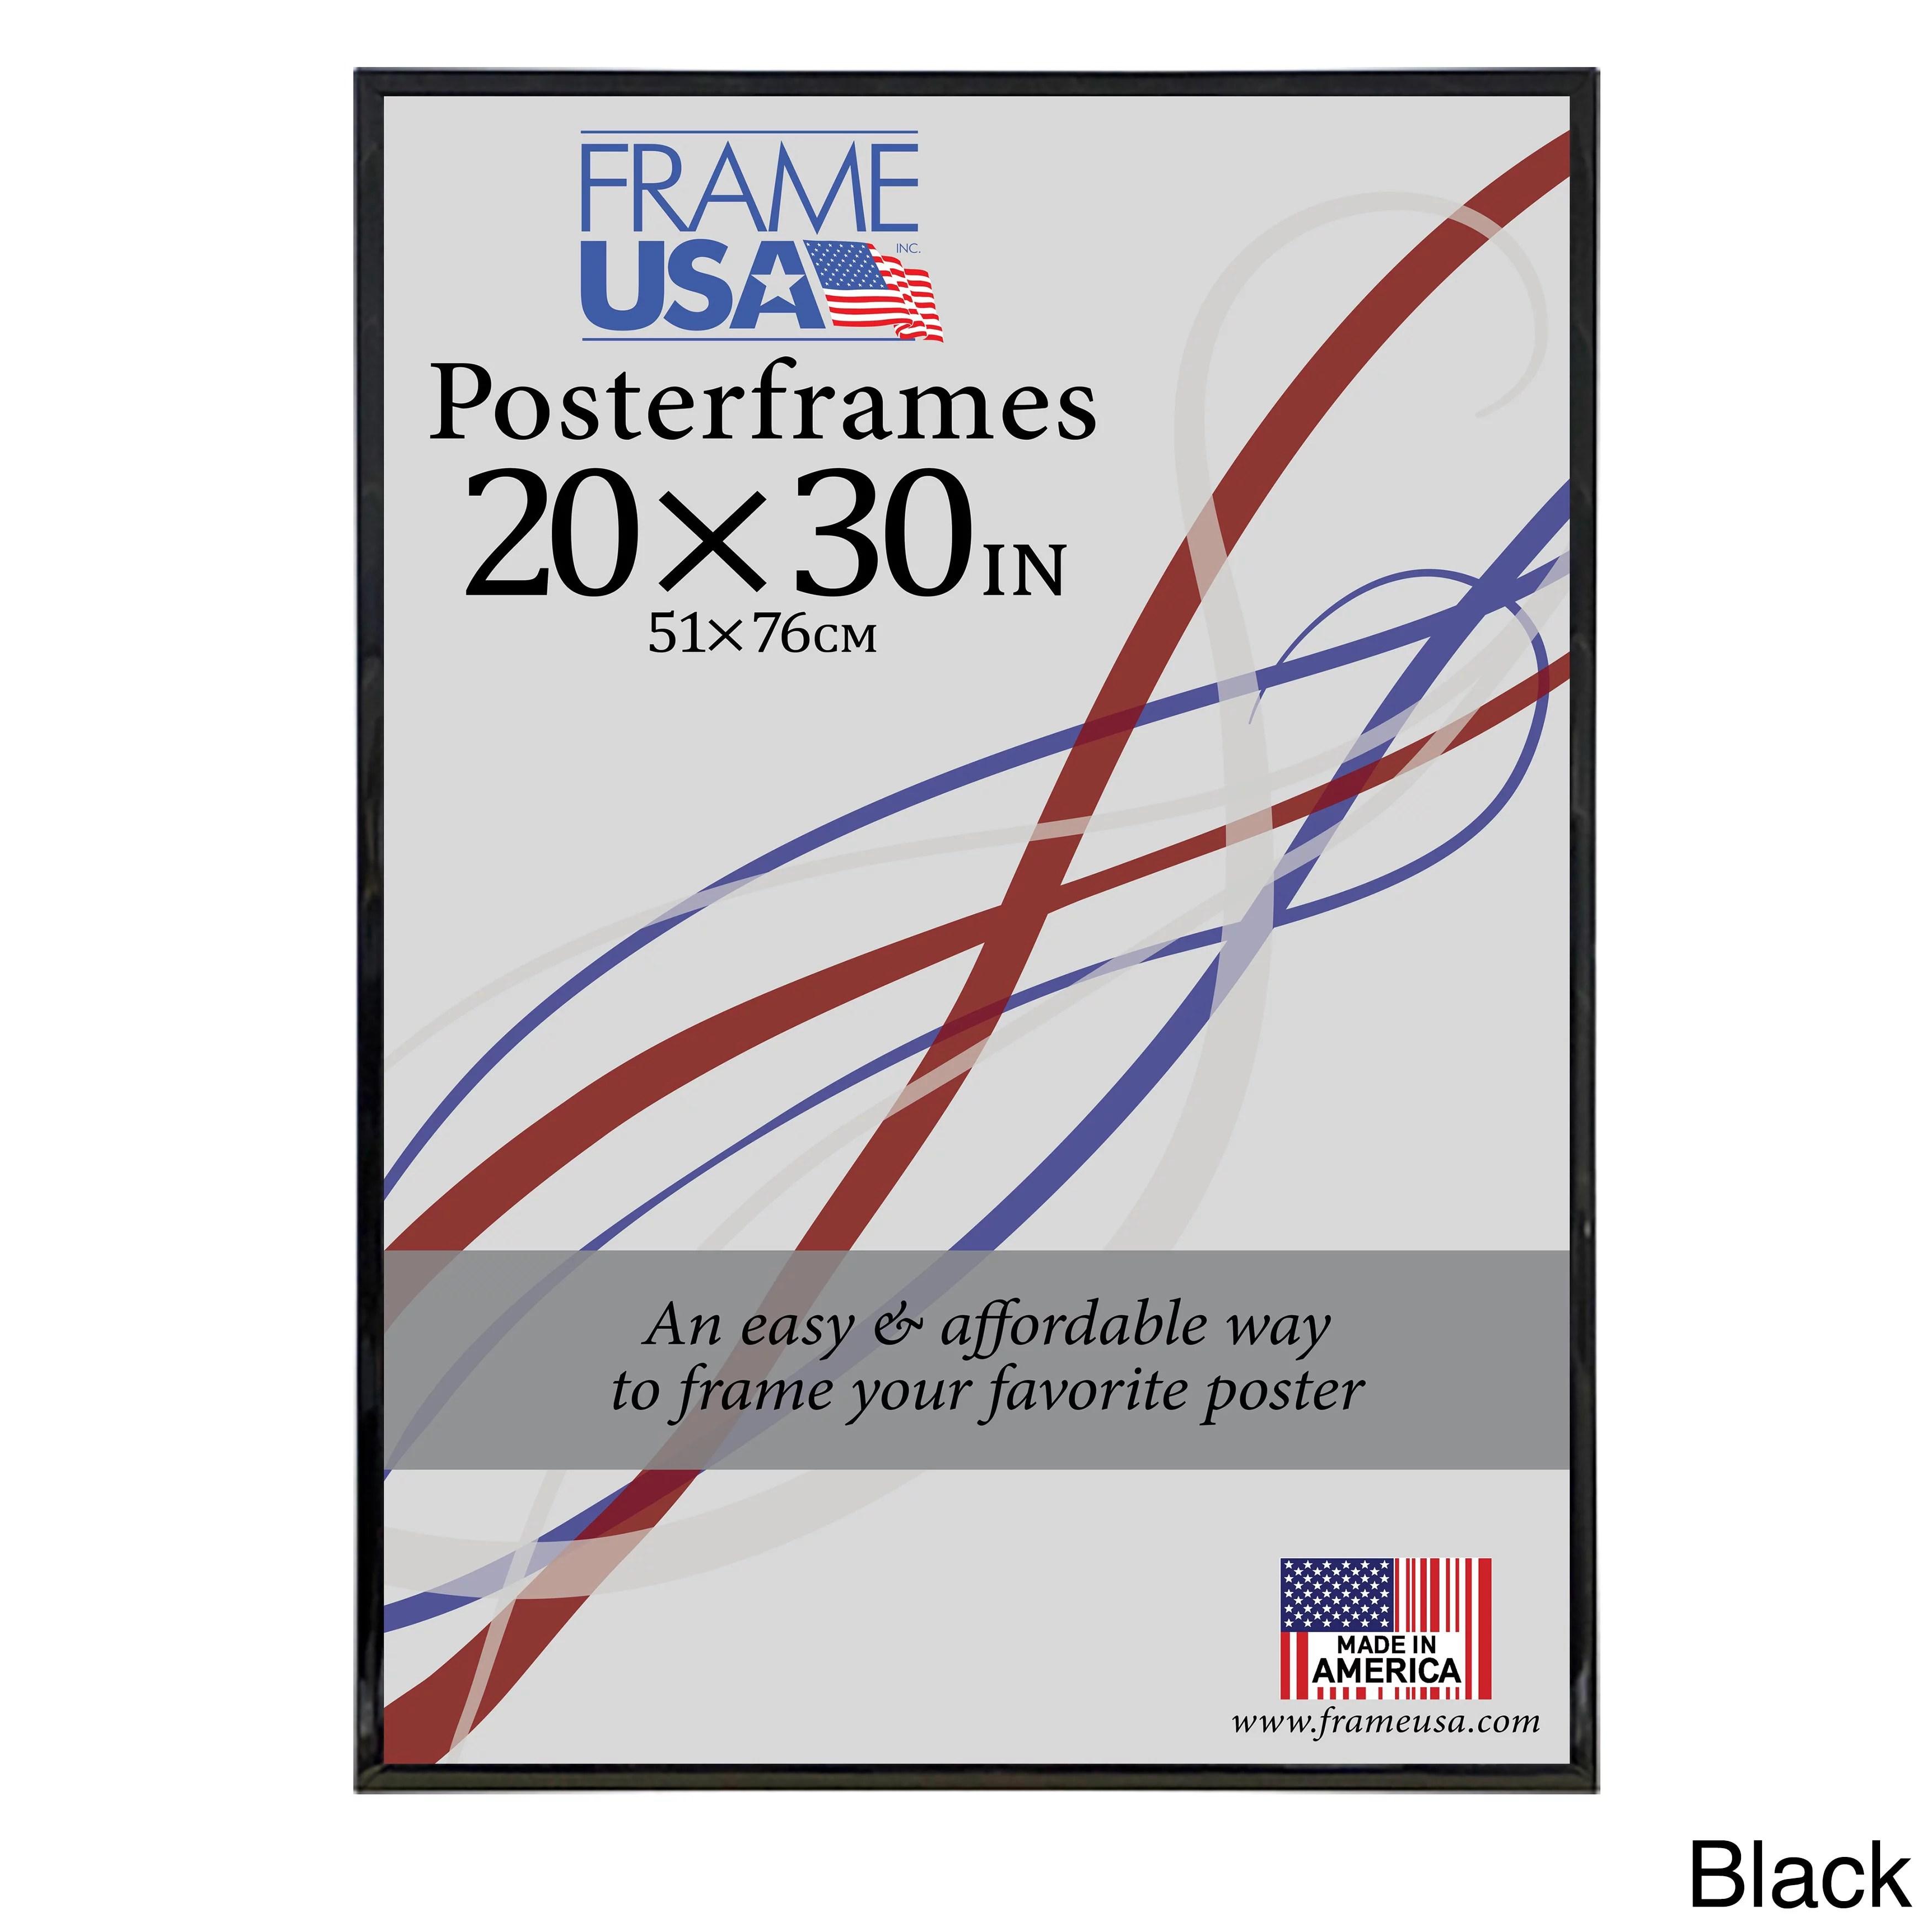 frame usa hardboard poster frame 20 x 30 inch image size